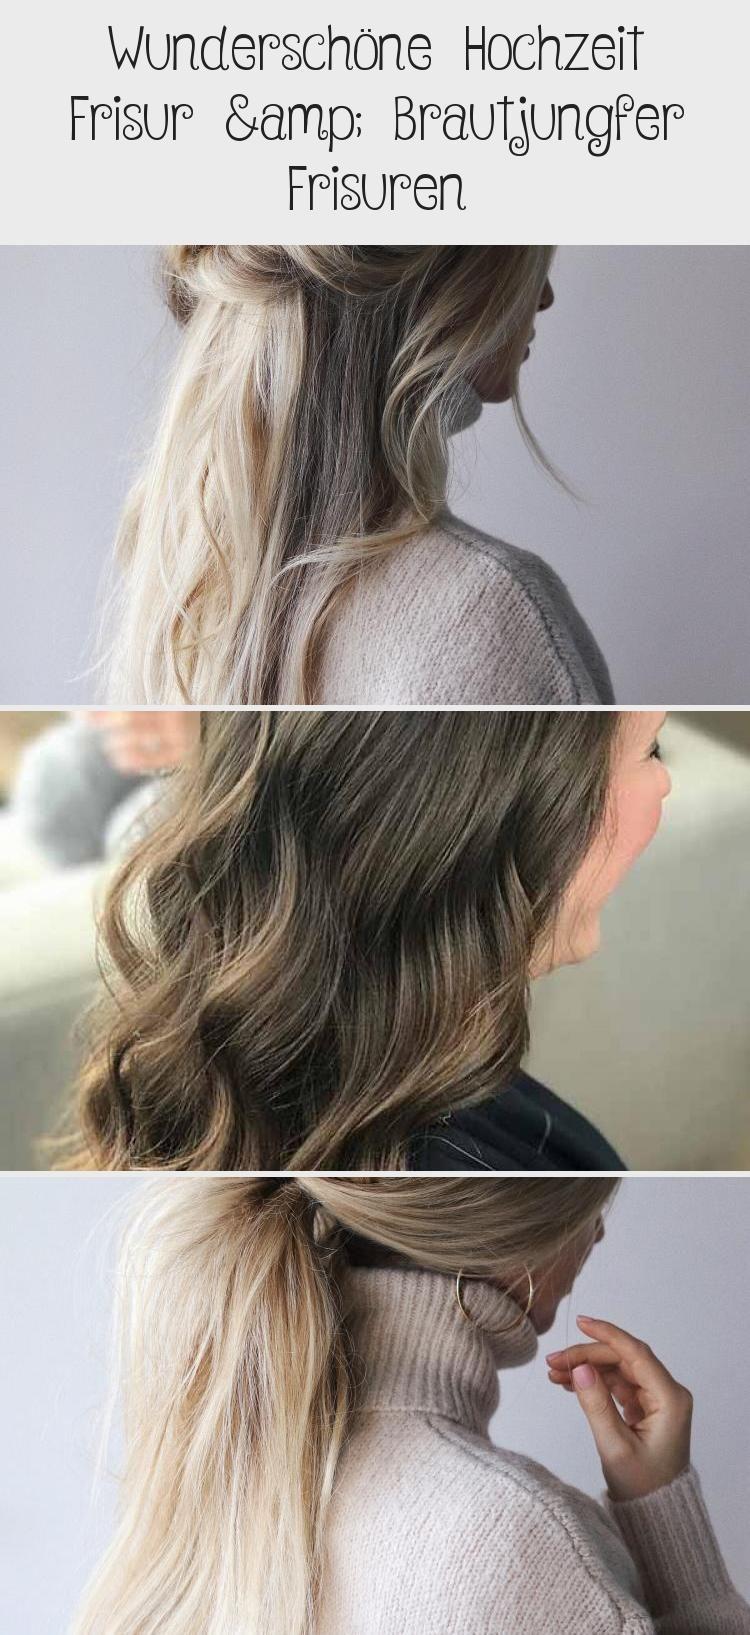 Wunderschone Hochzeit Frisur Brautjungfer Frisuren Hairstyle Hair Hair Styles